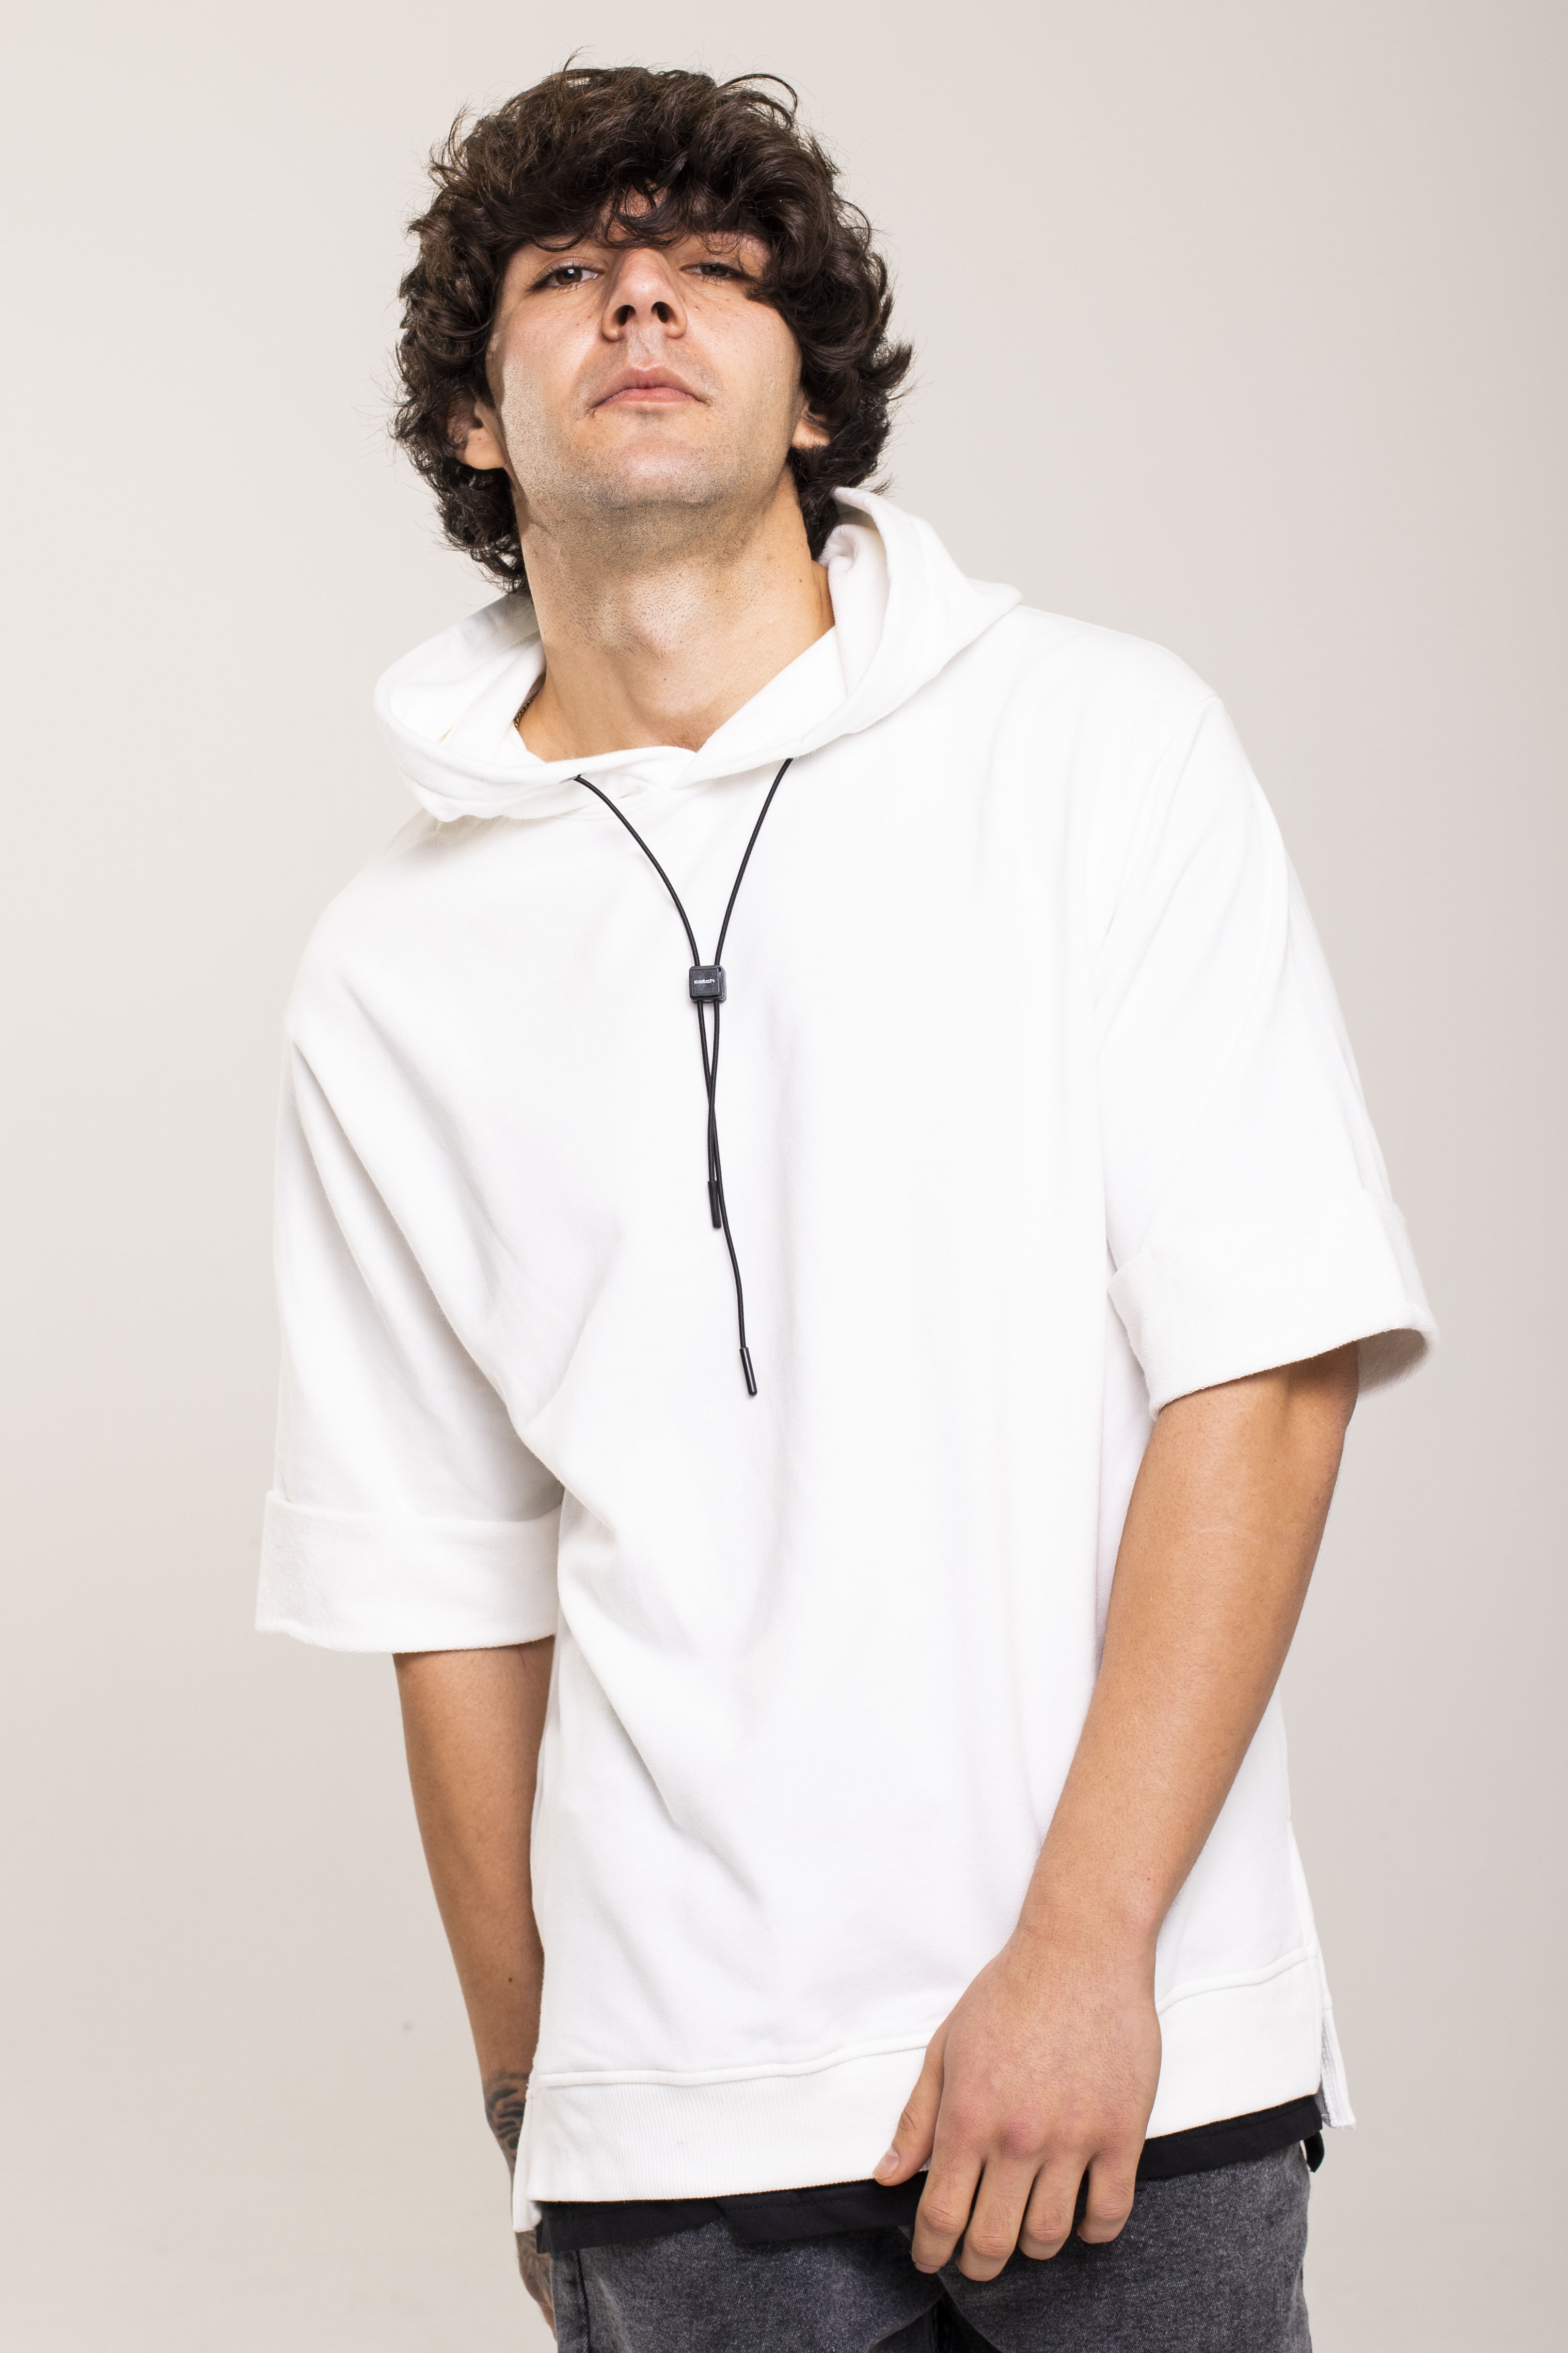 XHAN - Beyaz Kısa Kollu Sweatshirt 1KXE8-44515-01